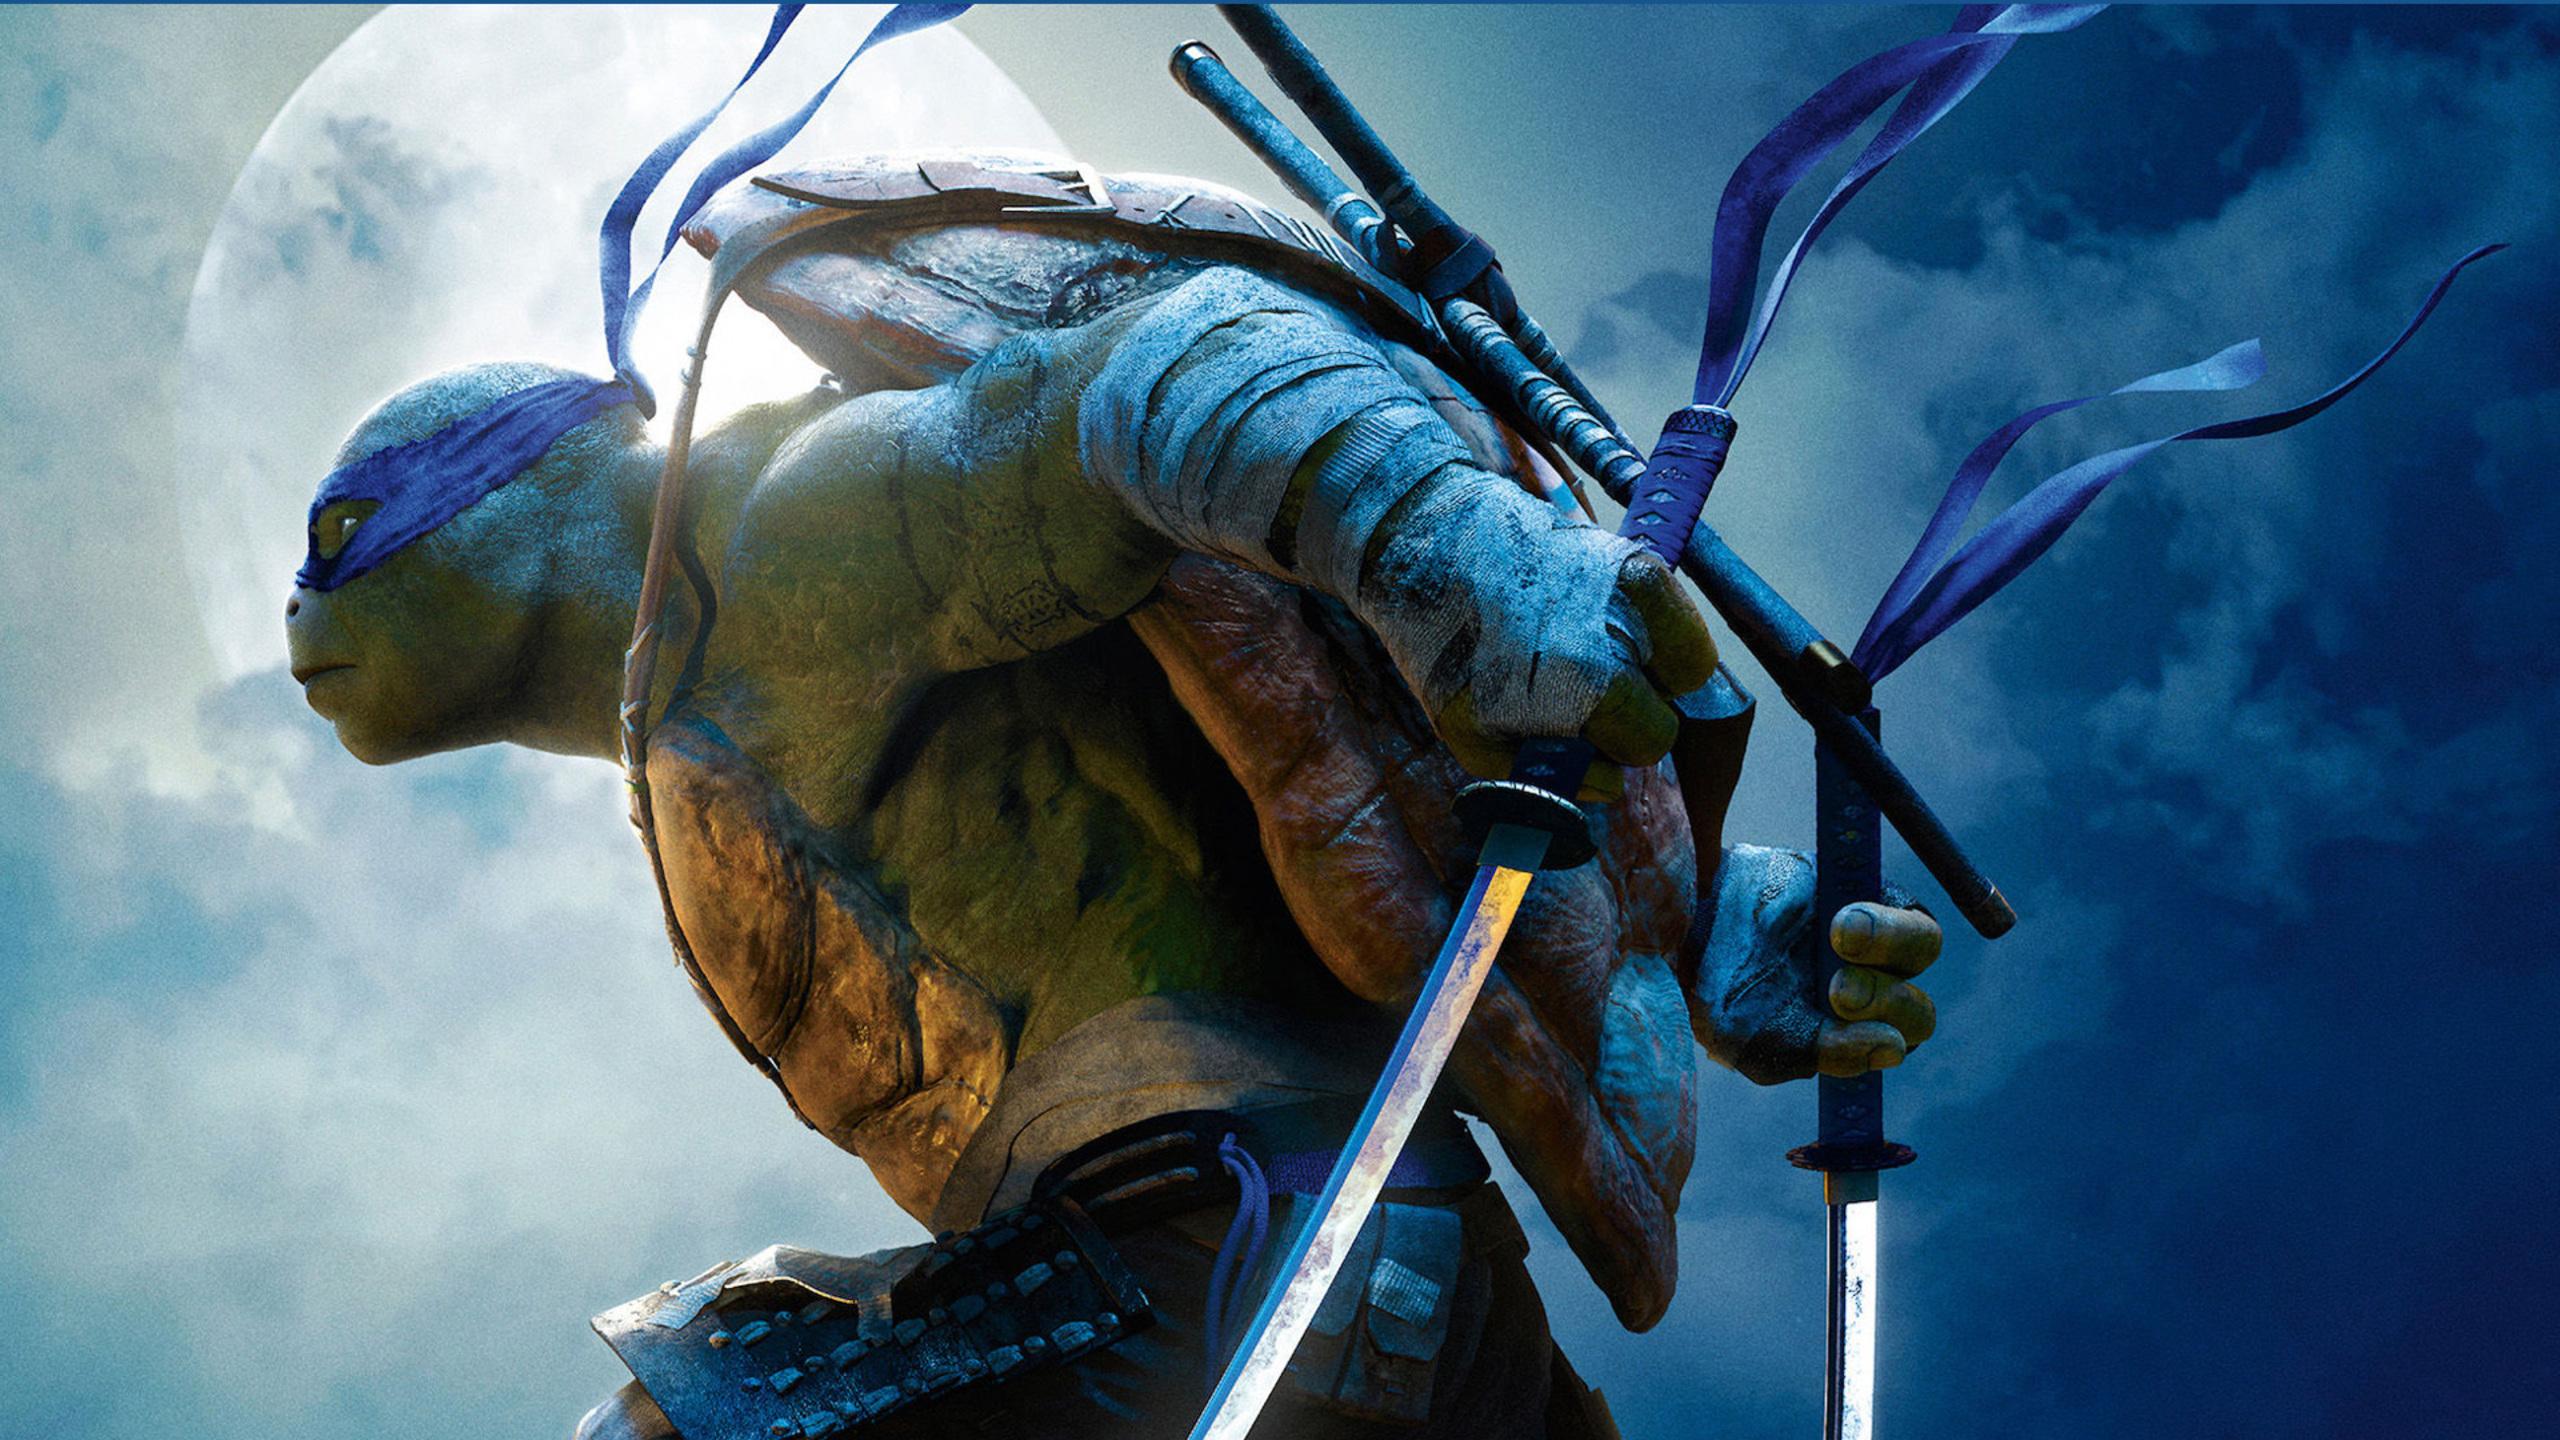 2560x1440 Leonardo Teenage Mutant Ninja Turtles Out of the ...